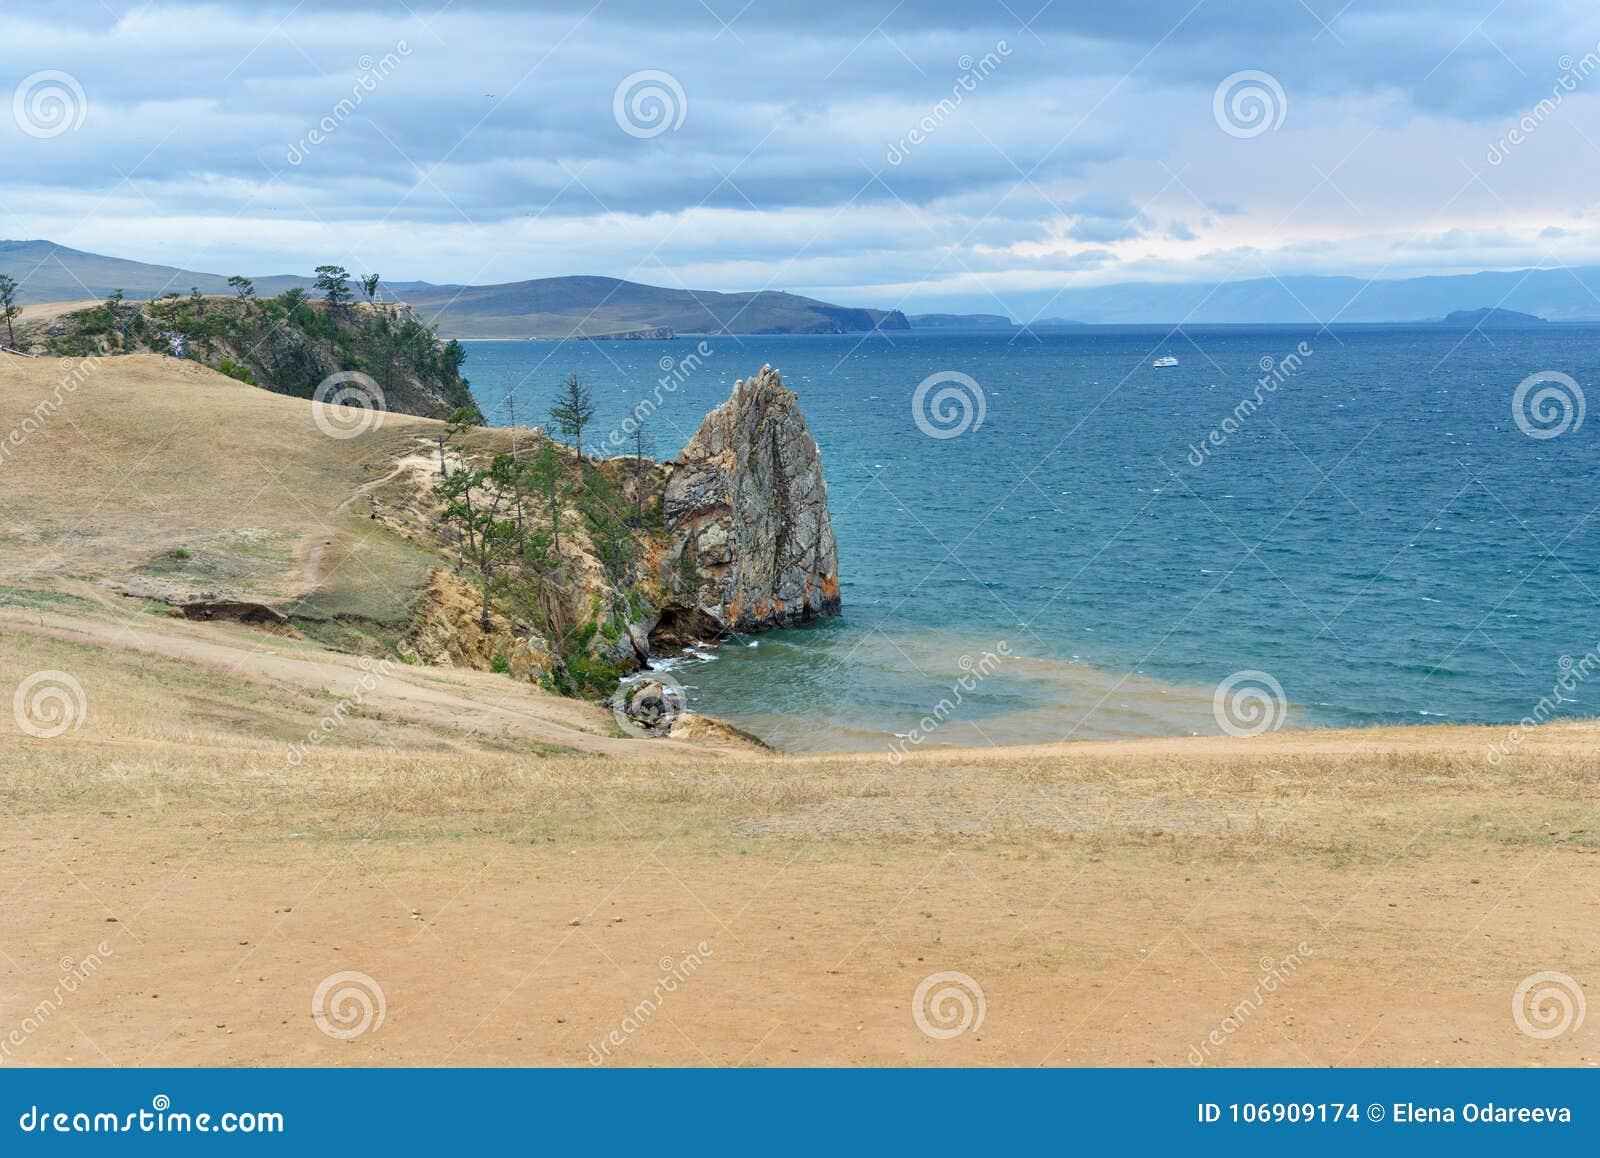 Widok na wybrzeżu i skale baikal jeziora baikal jezioro olkhon Rosji wyspy Rosja